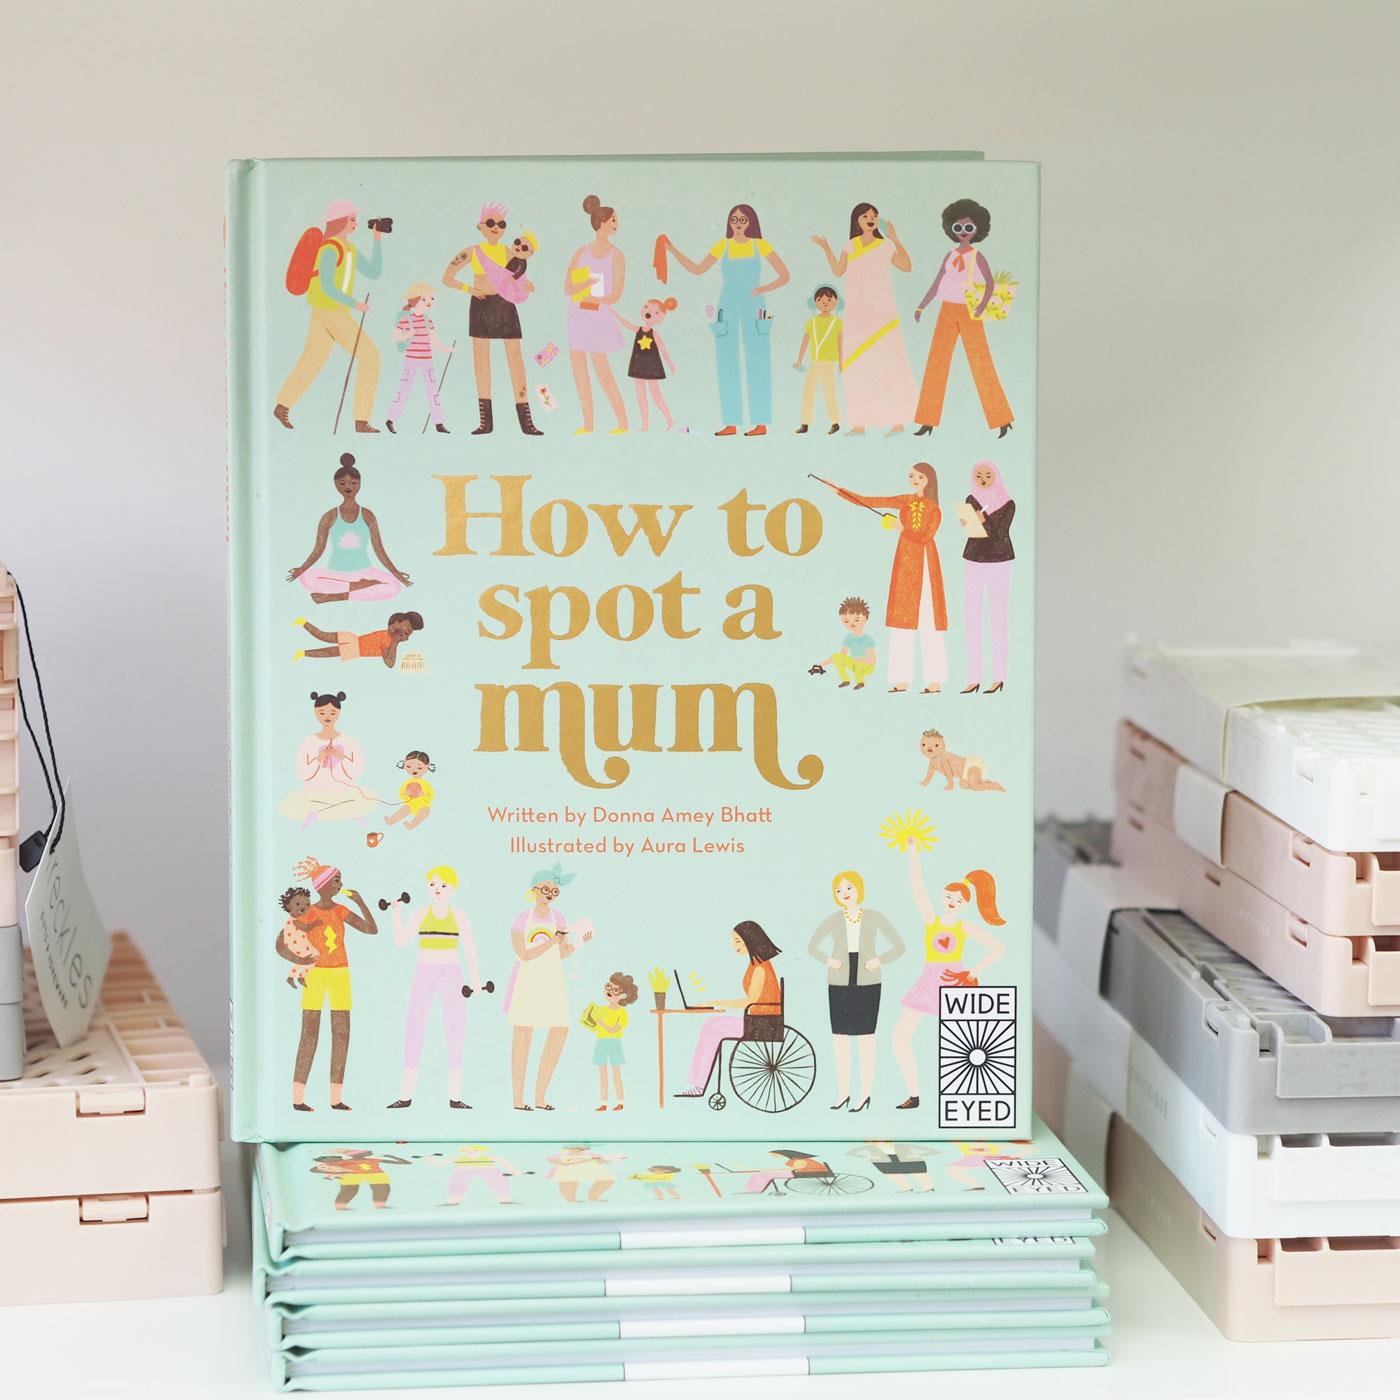 How To Spot A Mum